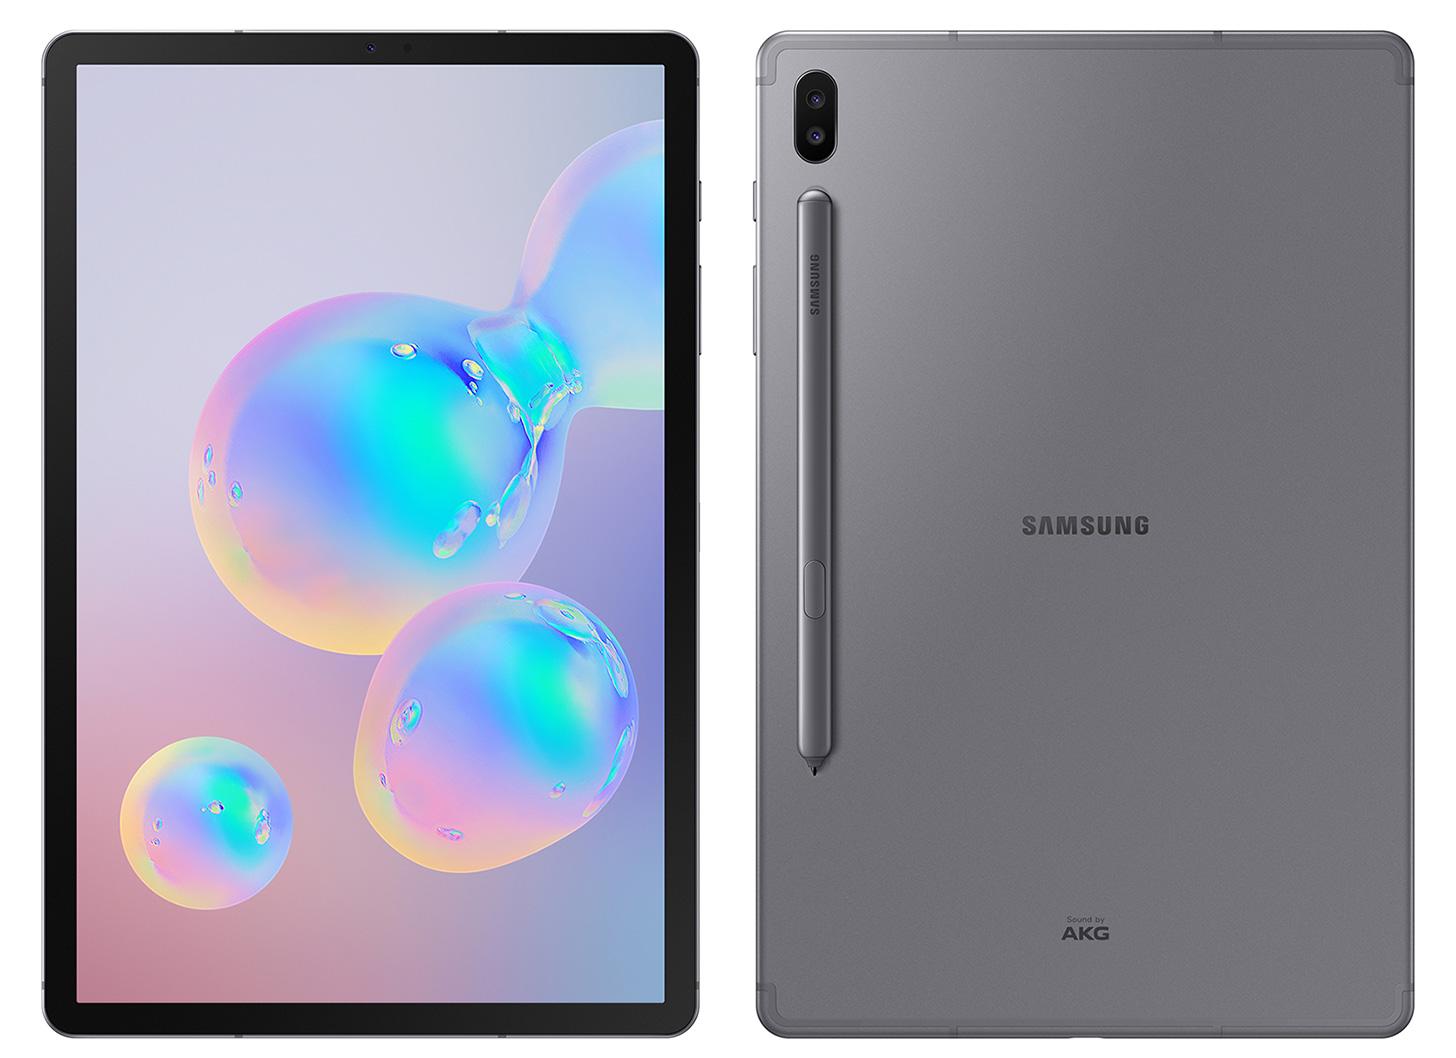 مراجعة مواصفات تابلت Samsung الجديد Samsung Galaxy Tab S6